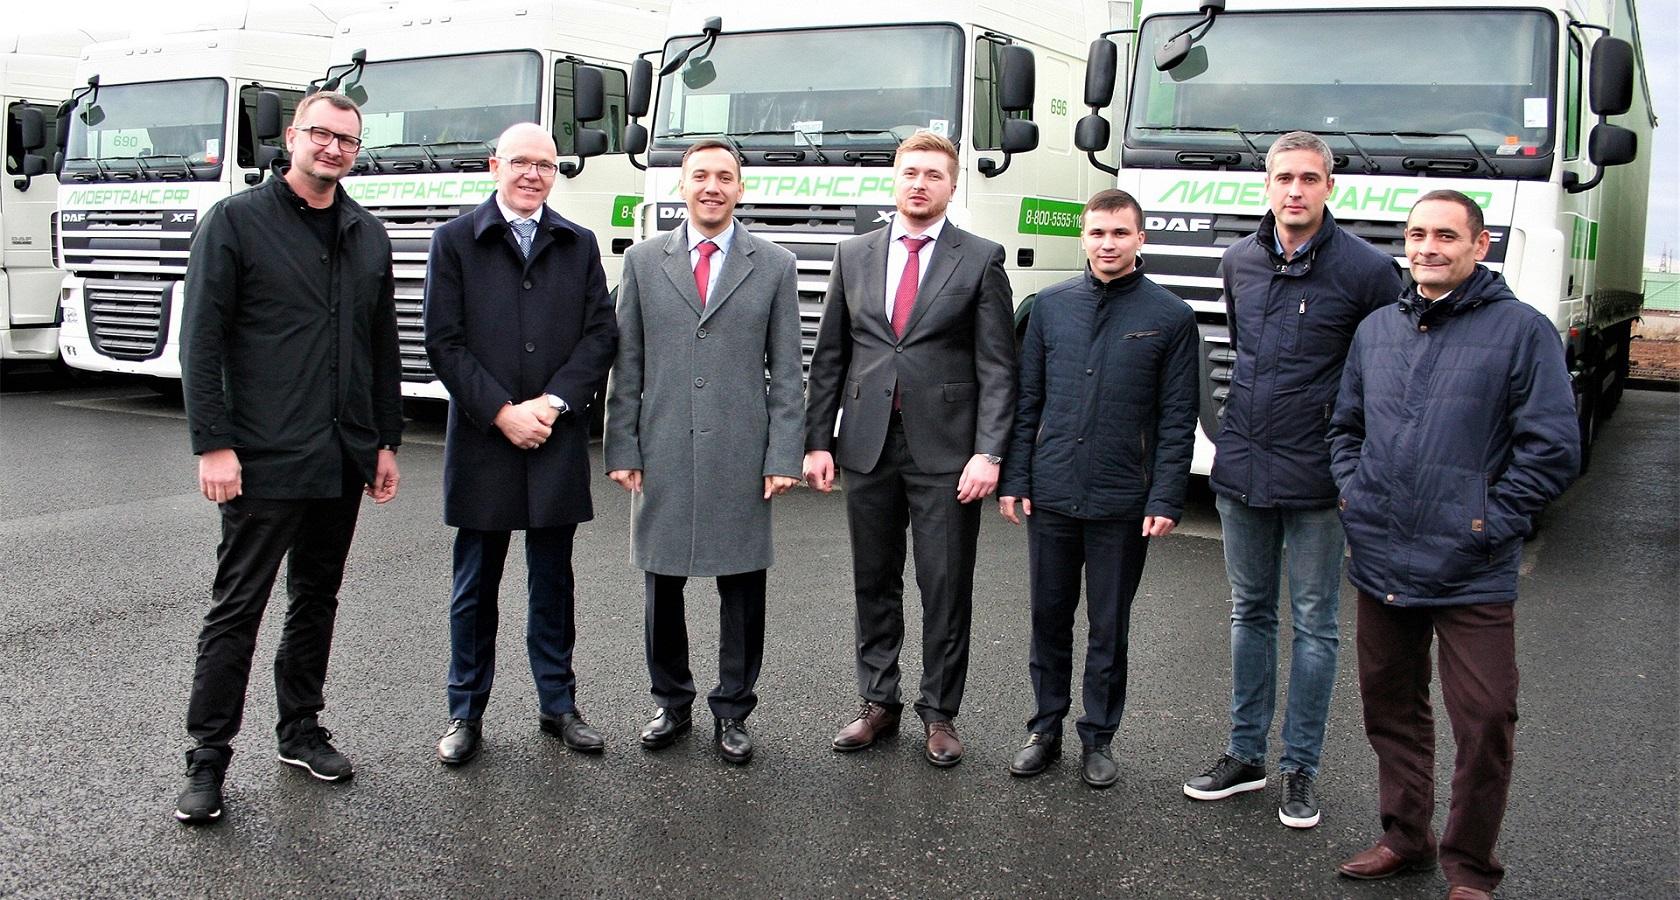 Глава DAF Trucks Rus Ари Хендрикс лично поздравил учредителя «ЛидерТранс» Михаила Устюжанина с получением очередной партии техники (фото: DAF trucks)